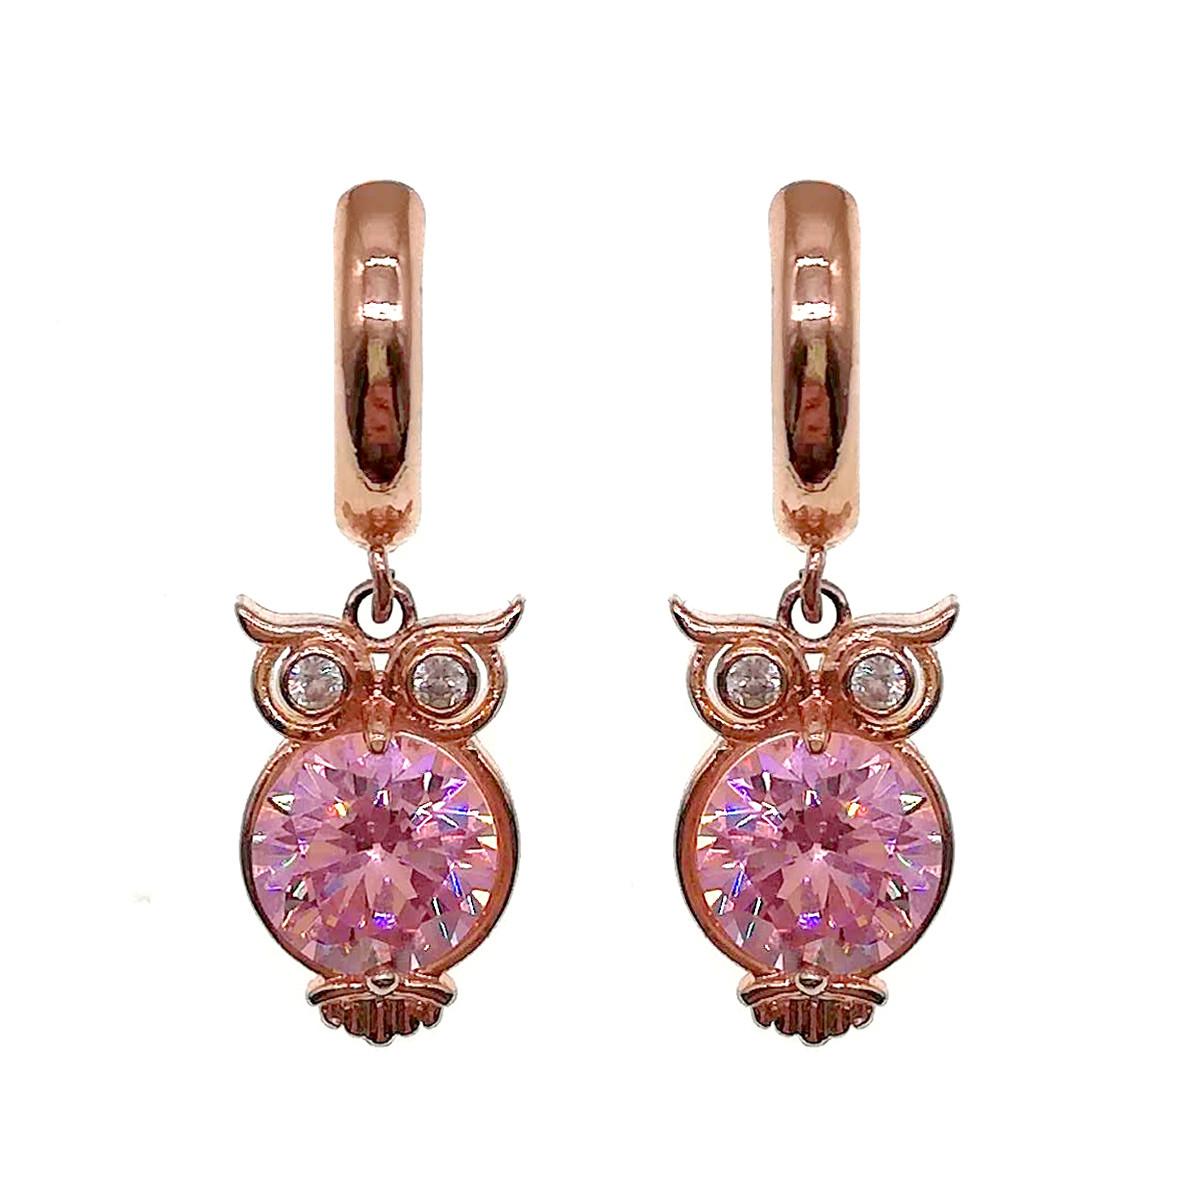 Сережки SONATA з медичного золота, рожеві фіаніти, позолота PO, 23744 (1)